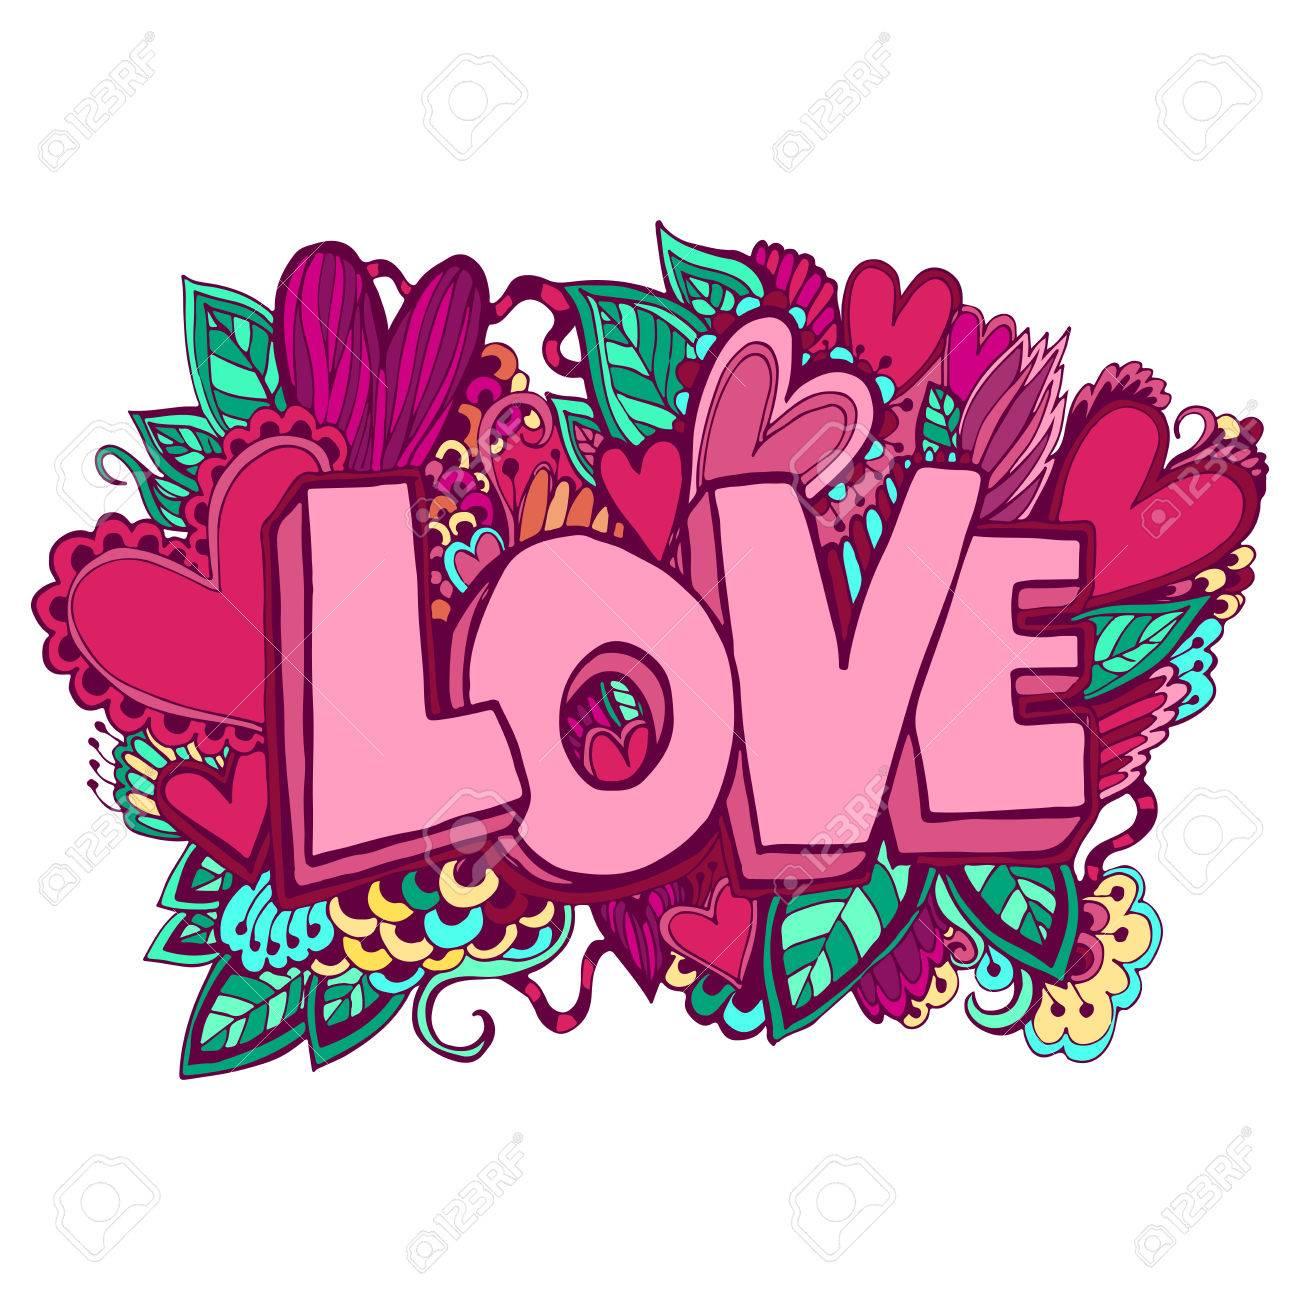 Amor Mano Letras Y Garabatos Elementos De Fondo Boceto Ilustración